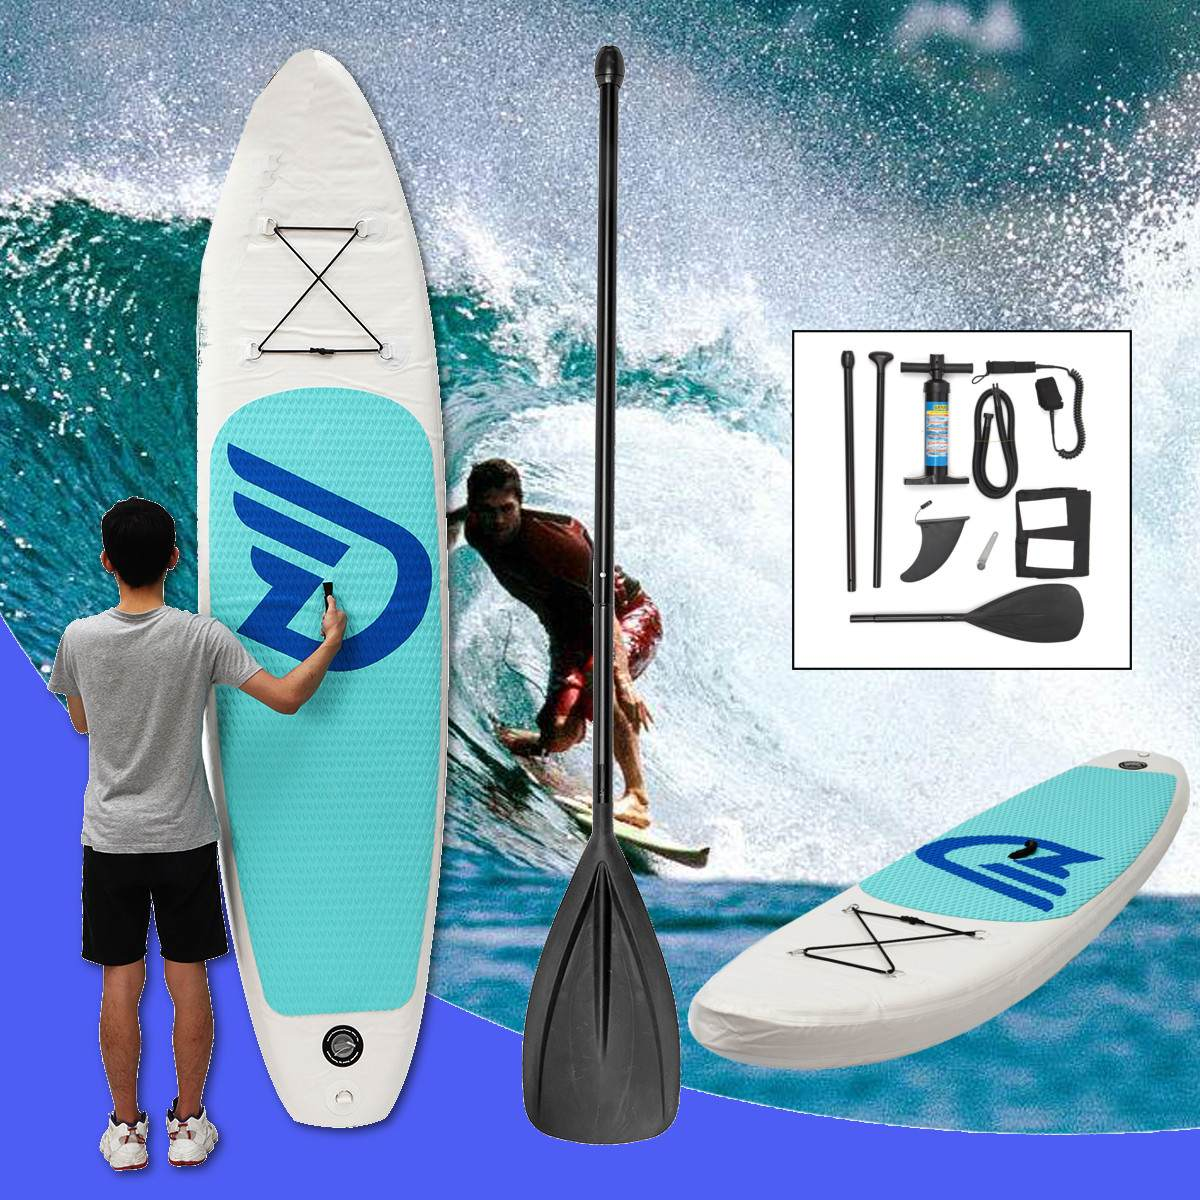 Planche de Surf gonflable EVA PVC 10ft planche de Surf gonflable Stand Up pompe à eau laisse de pied plage océan corps embarquement Sports nautiques